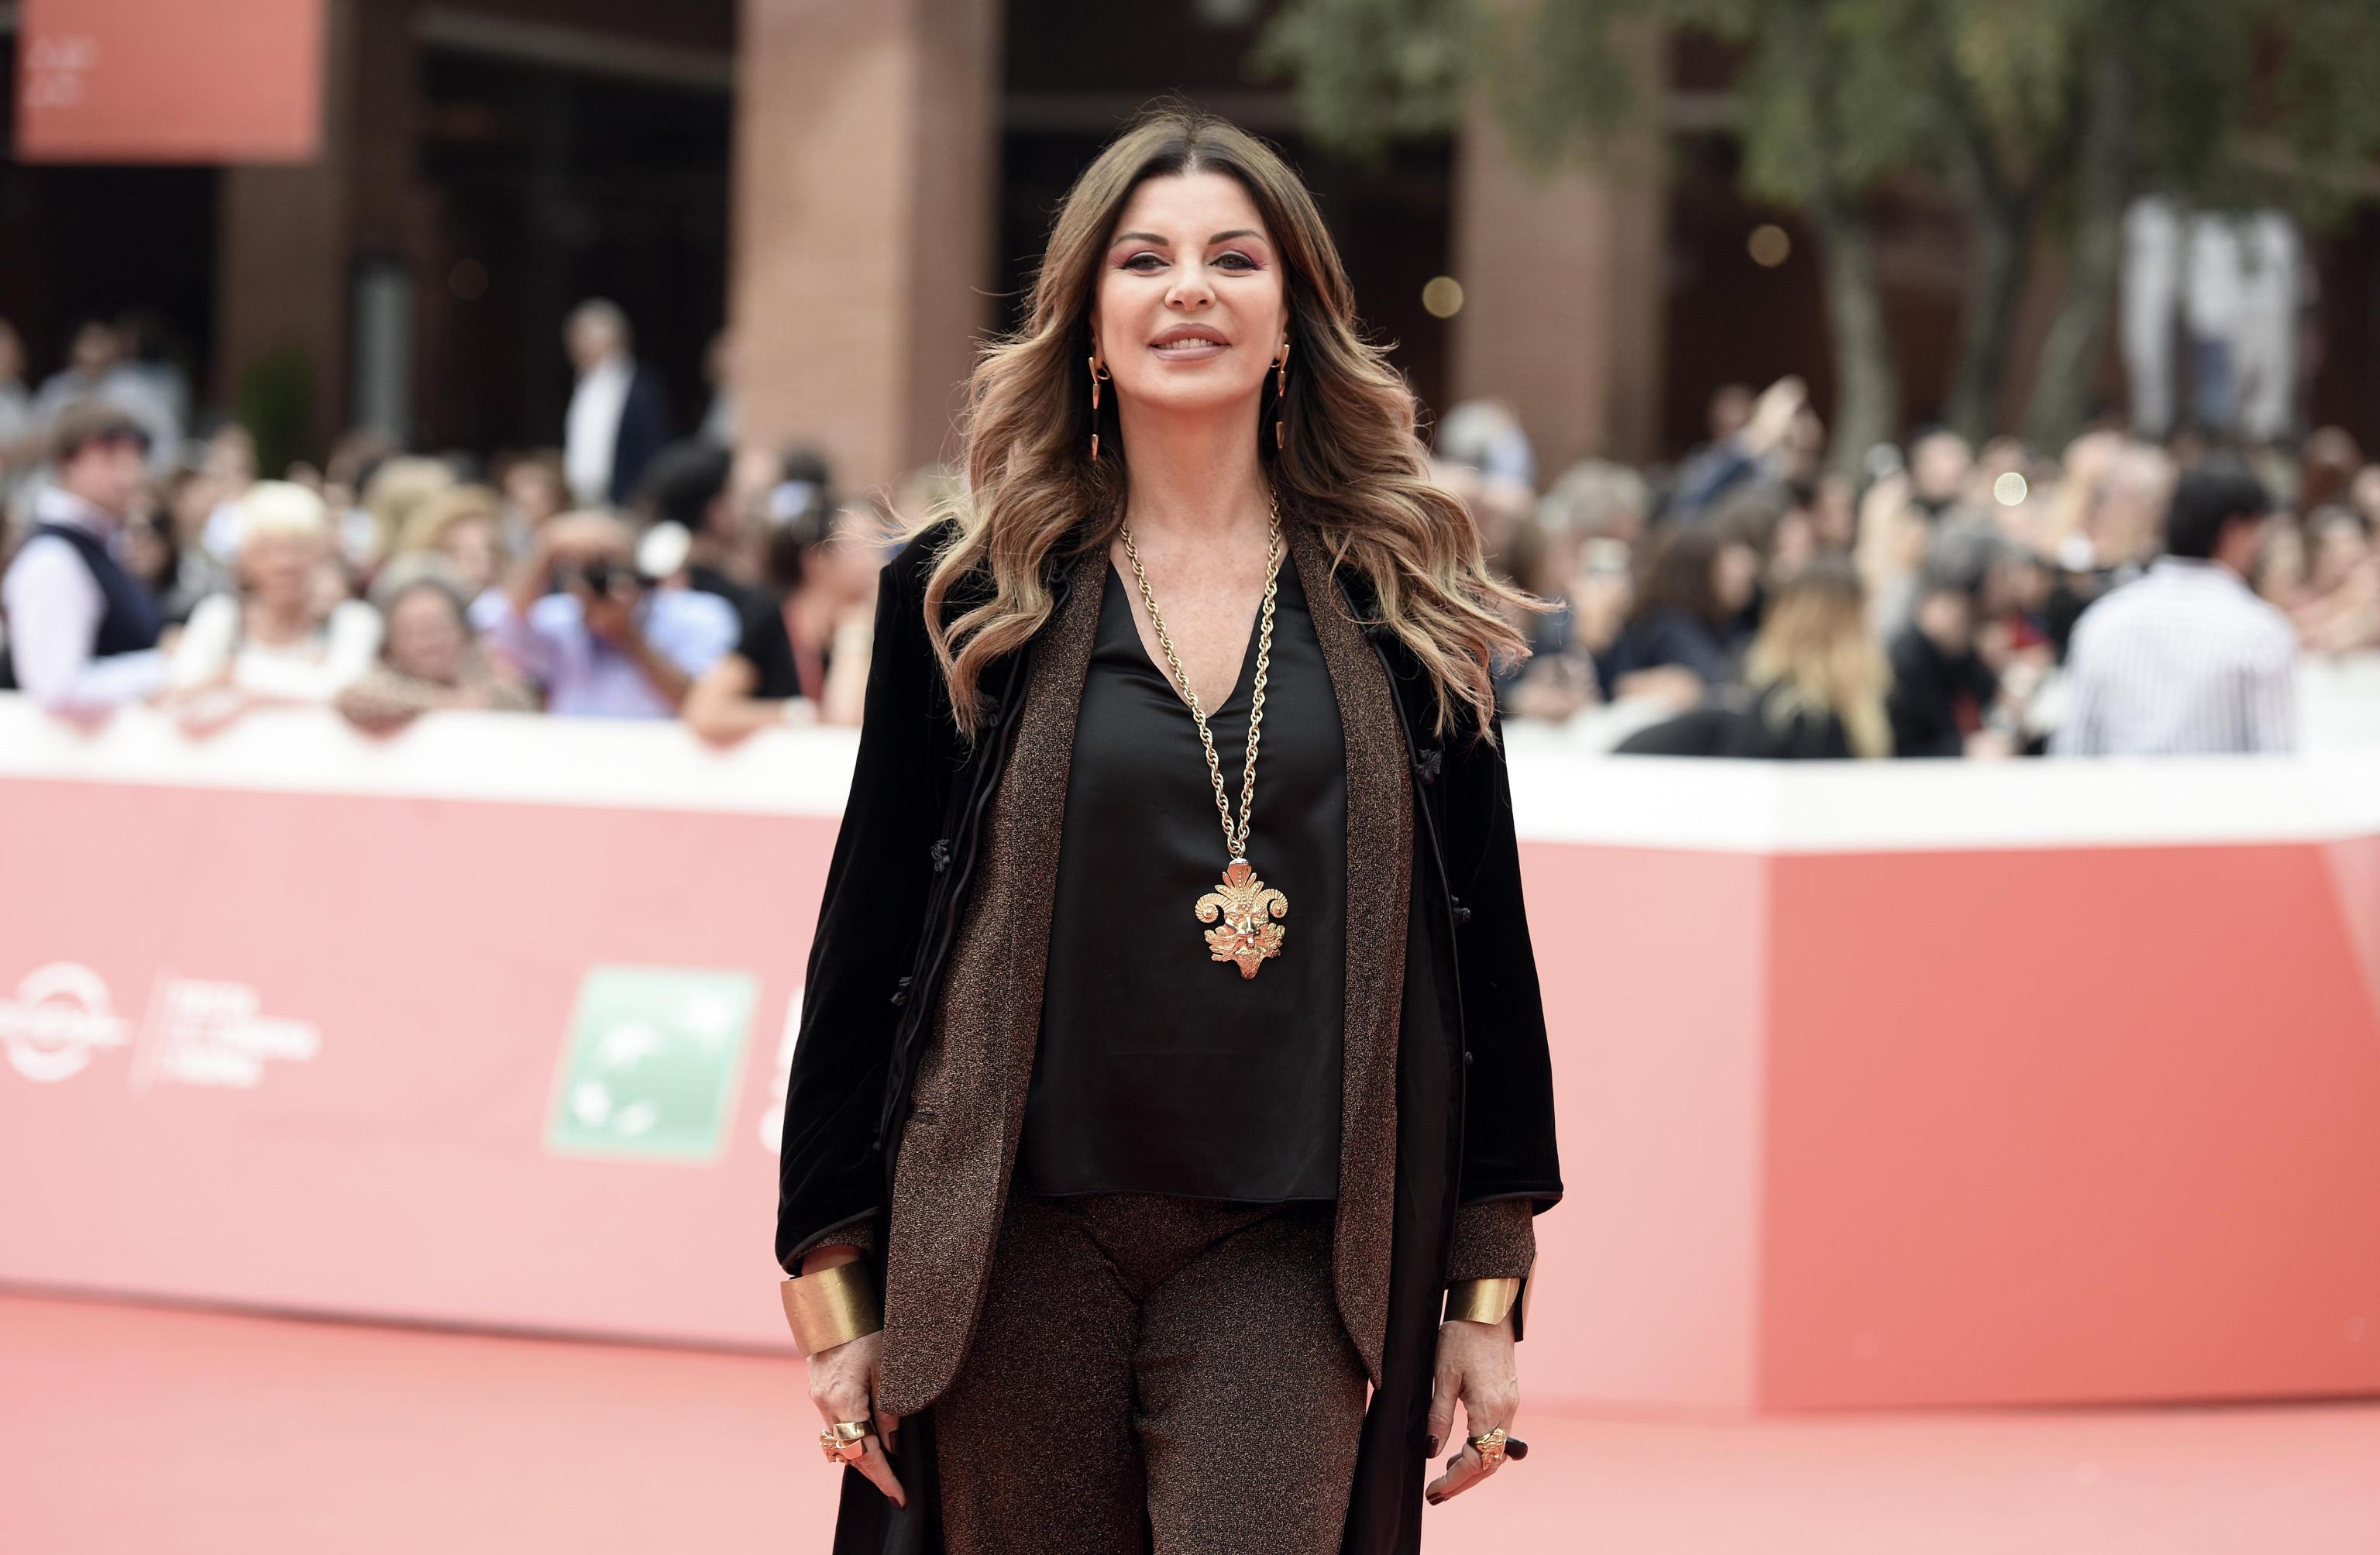 Amici 2019, Alvis raccomandato da Alba Parietti? Lei: 'Il talento è evidente'